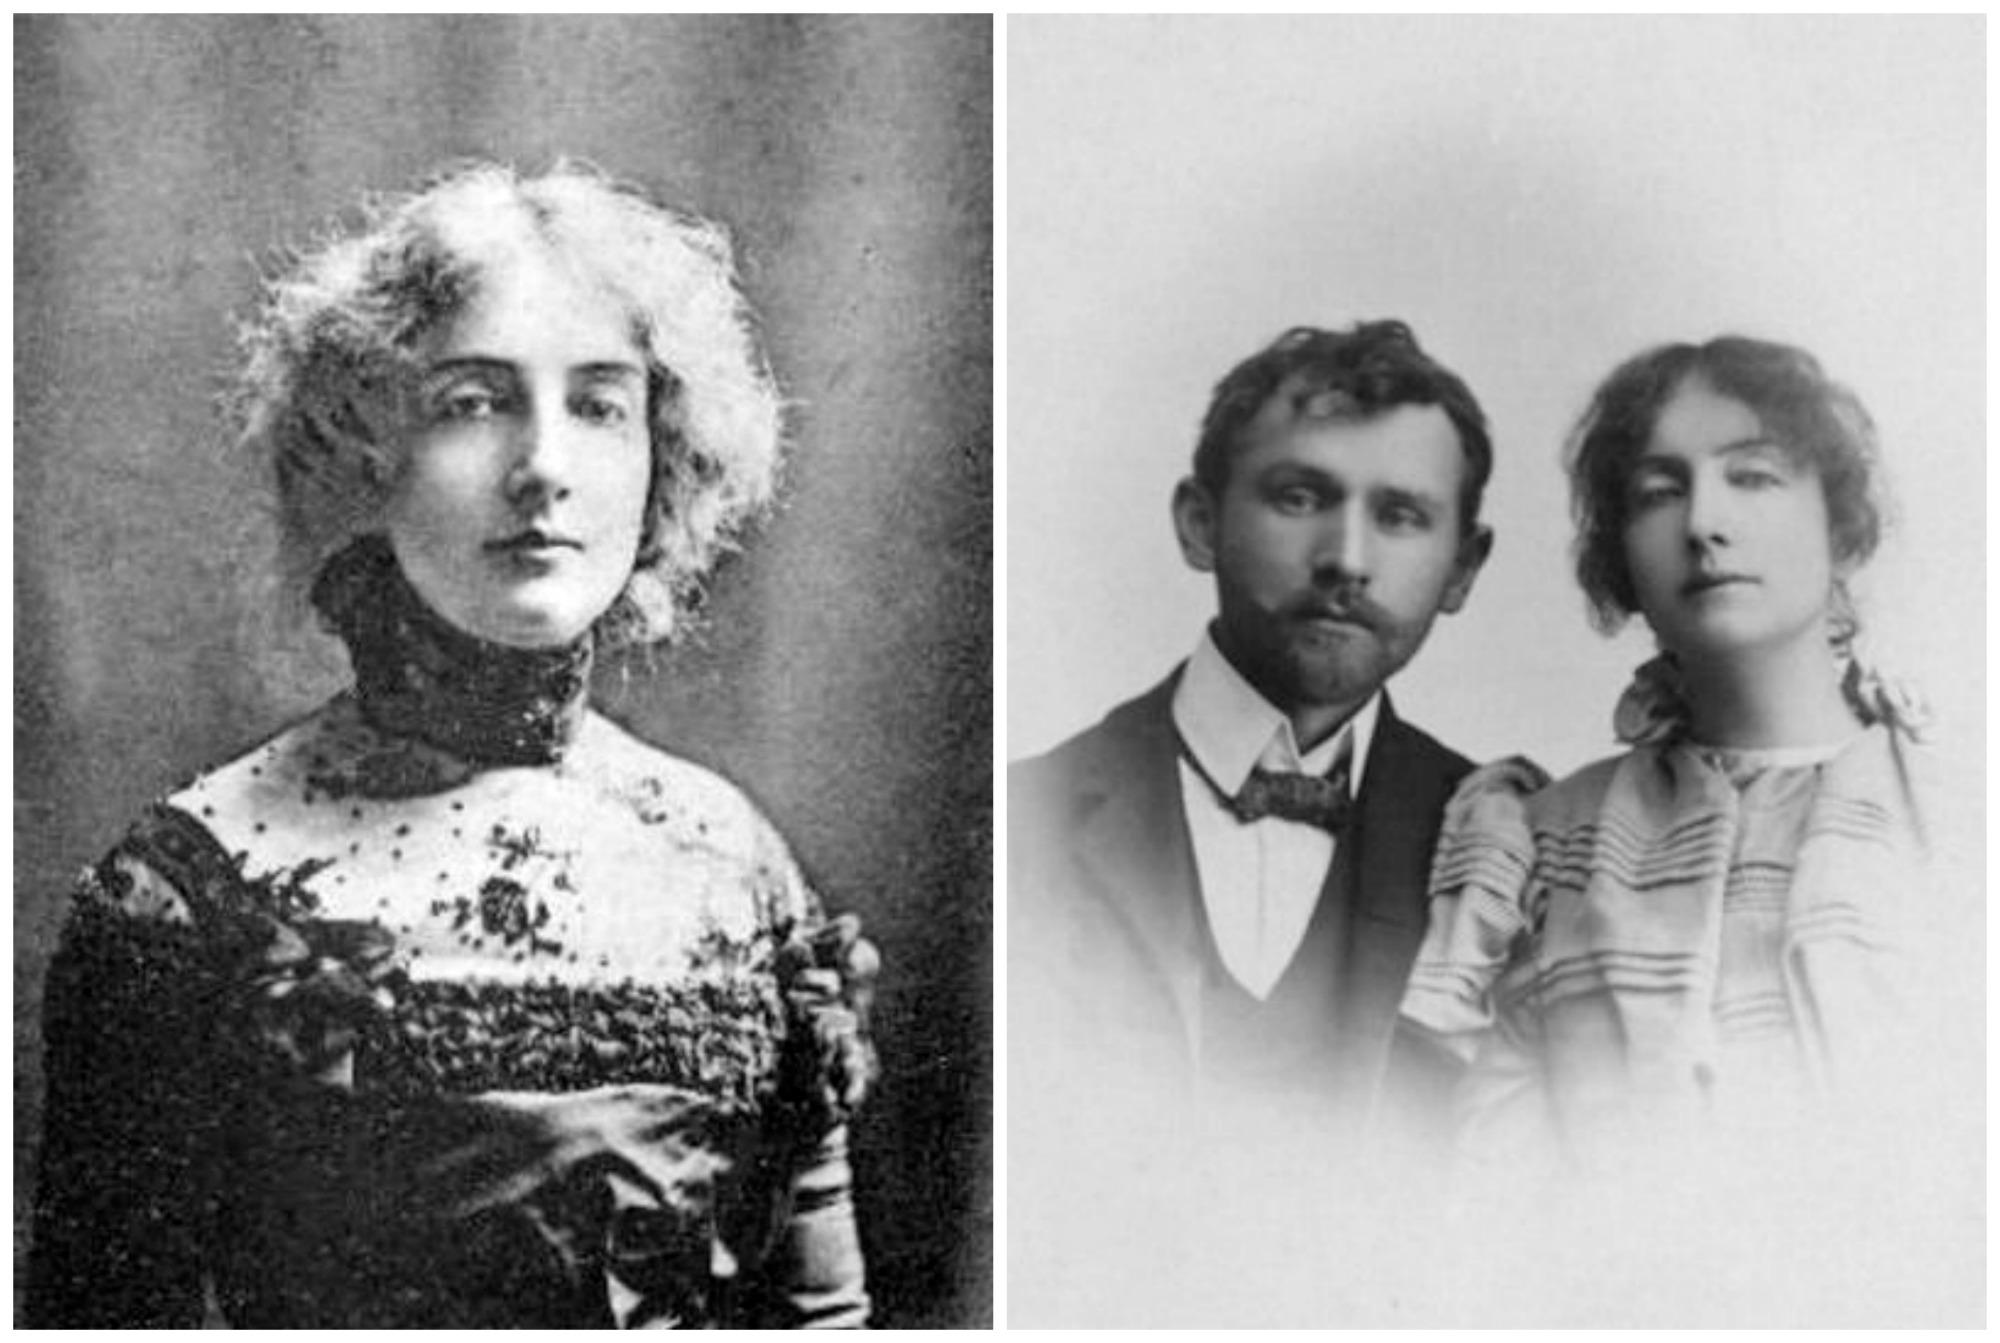 Po lewej Dagny Juel Przybyszewska w Sztokholmie, ok. 1895/96 r. Po prawej artystka z mężem, Stanisławem Przybyszewskim, około 1897 r. (fot. Wikimedia.org / Domena publiczna)